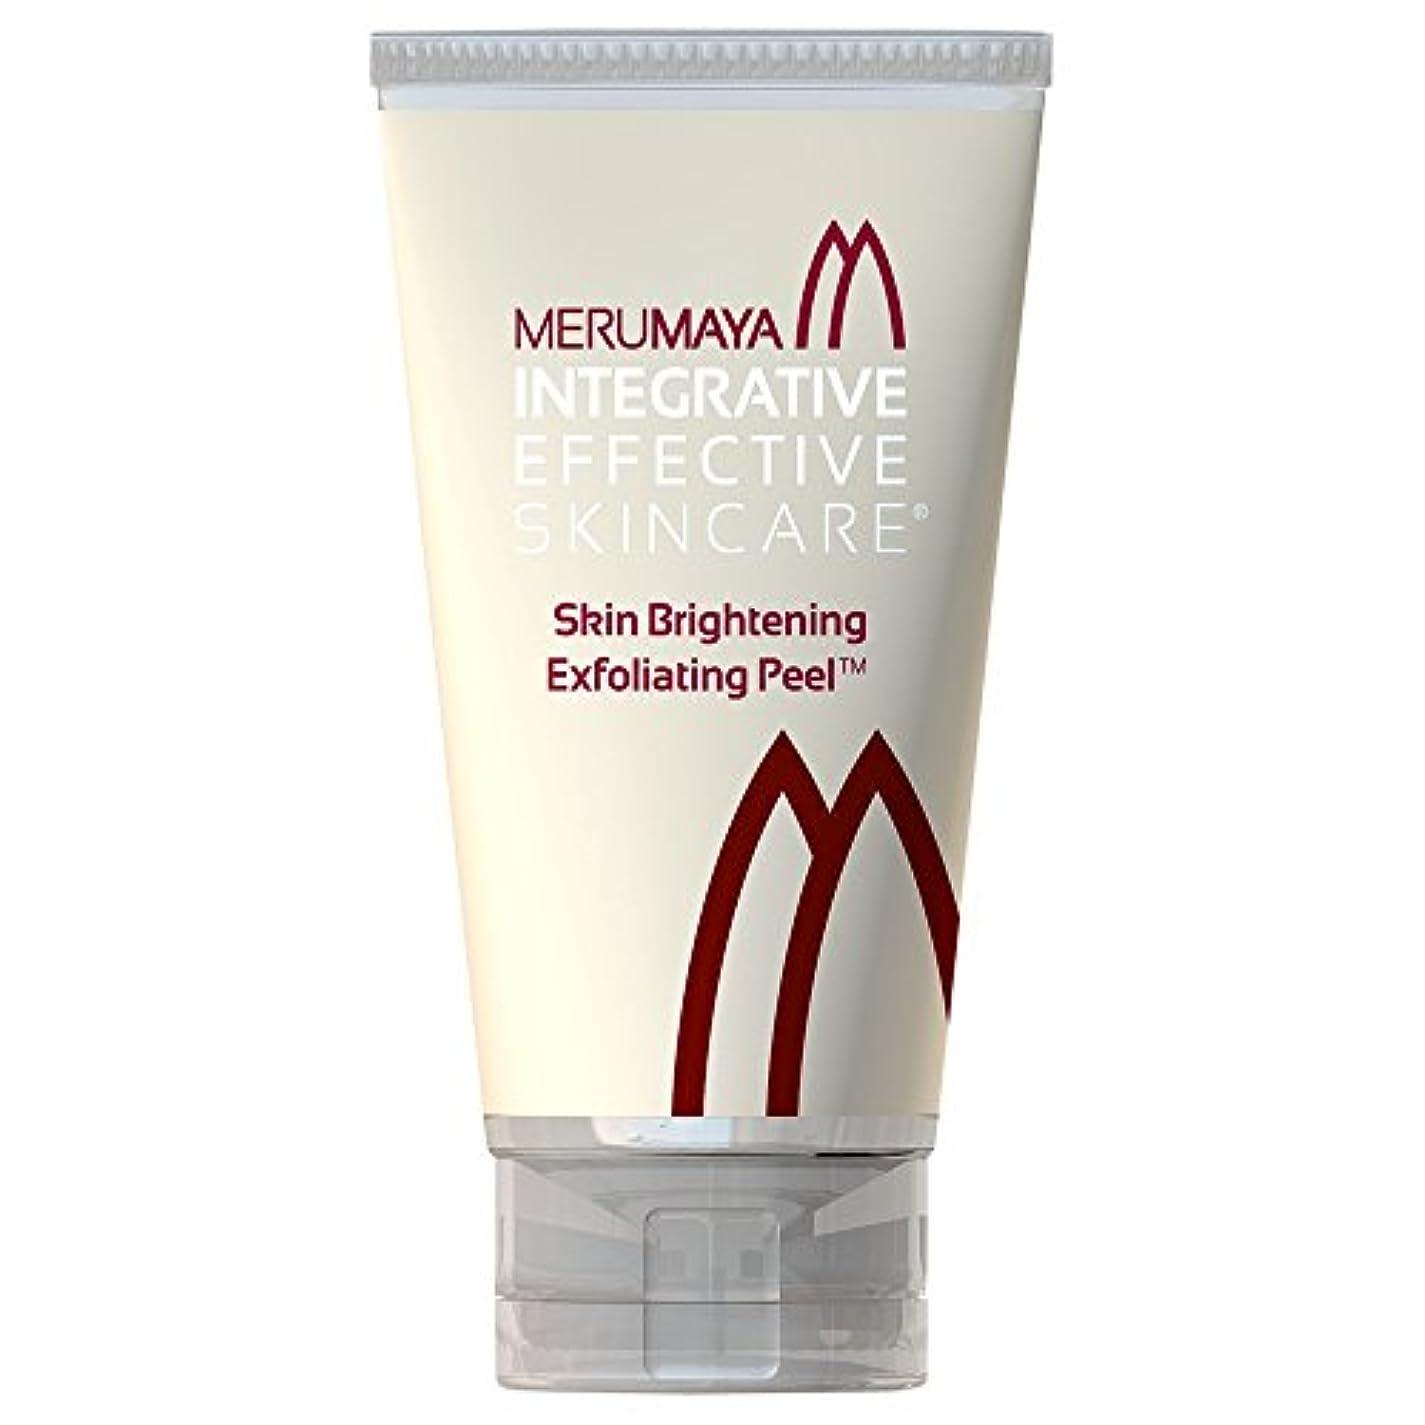 防止からに変化するスパイラルMerumayaスキンブライトニングピーリング剥離?の50ミリリットル (Merumaya) (x6) - MERUMAYA Skin Brightening Exfoliating Peel? 50ml (Pack of...